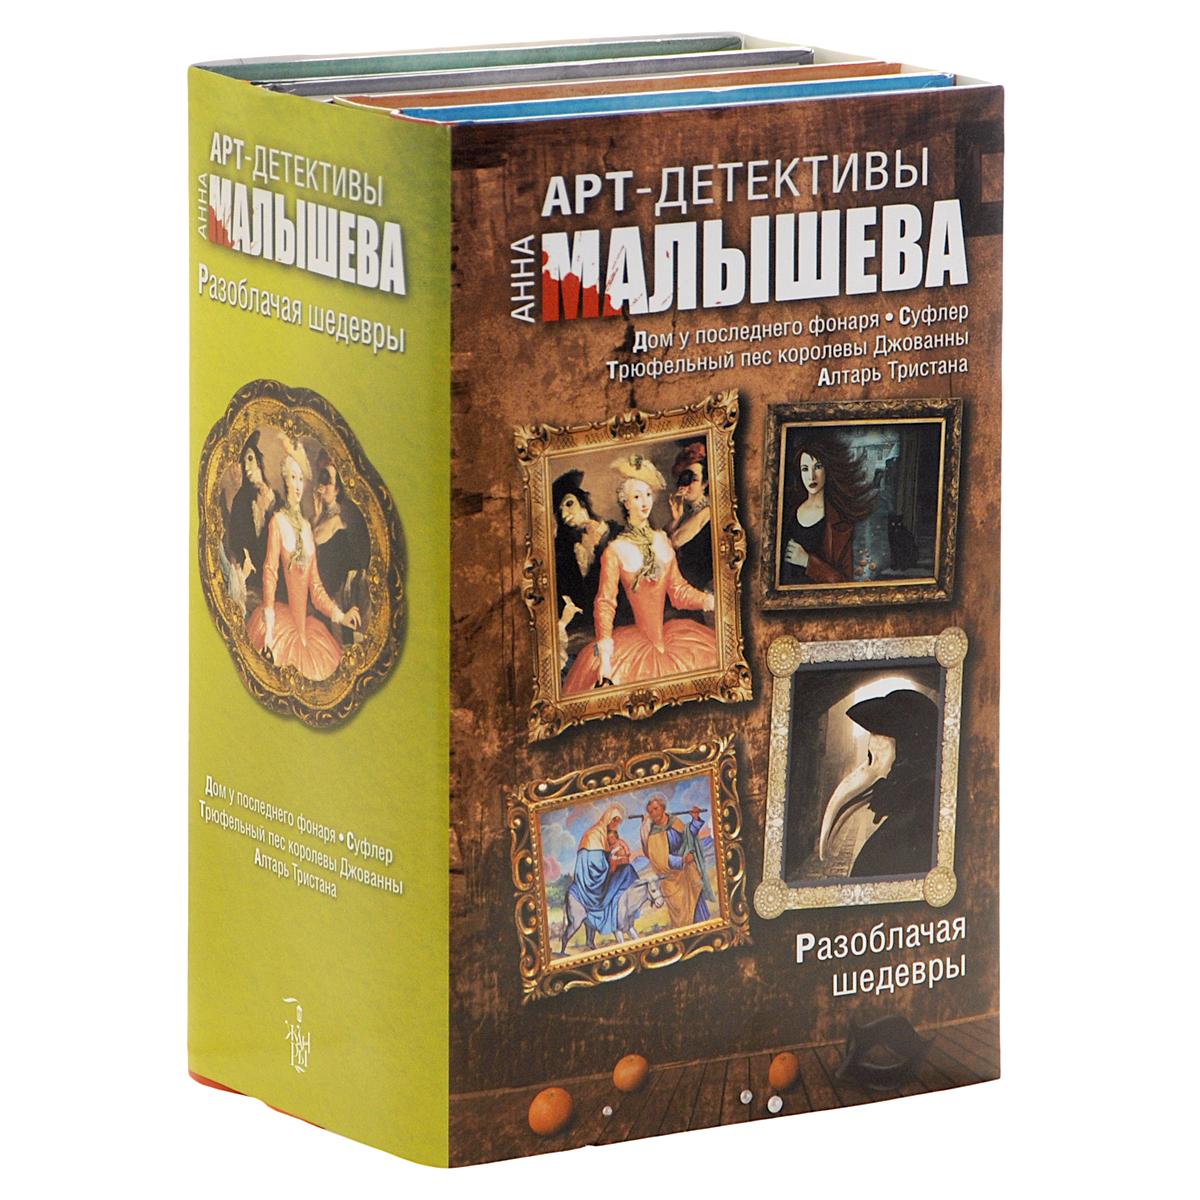 АРТ-детективы Анны Малышевой (комплект из 4 книг)